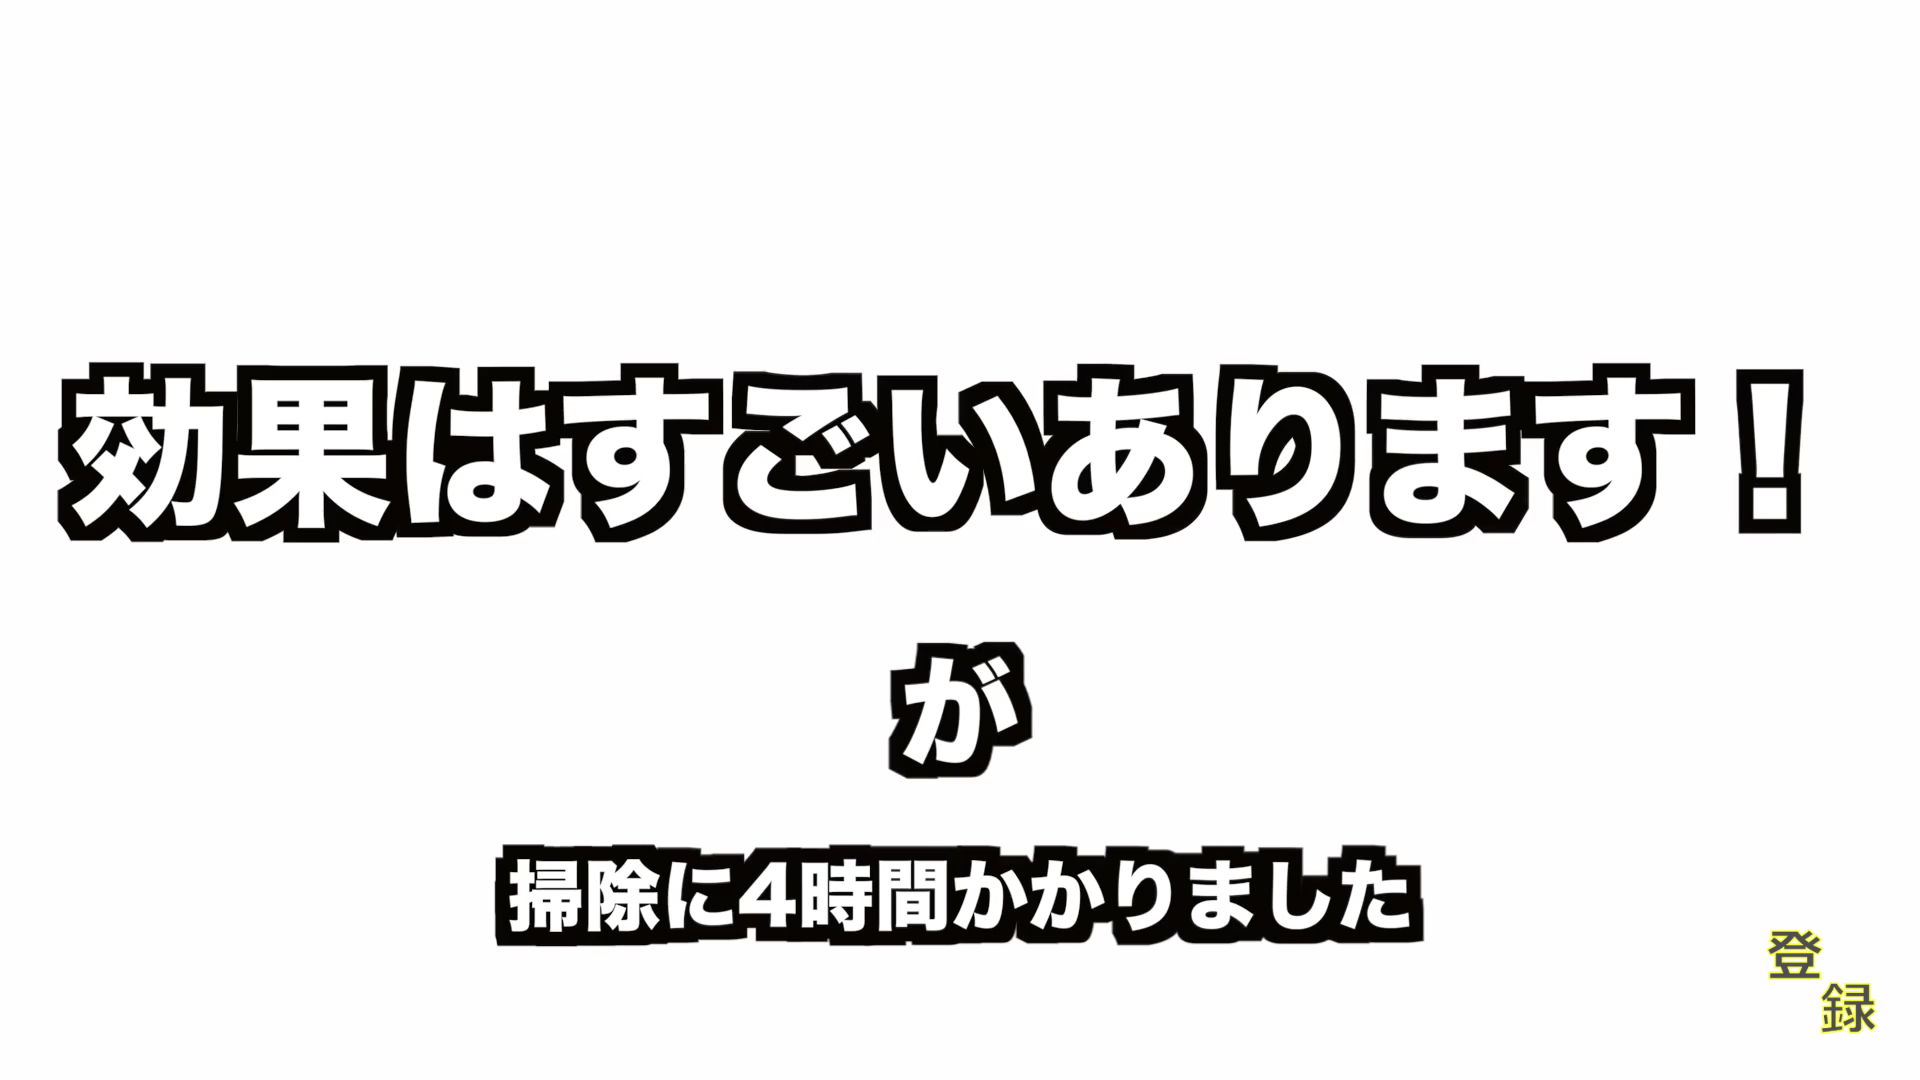 「めざましじゃんけん」リニューアル!月曜に人気YouTuber登場